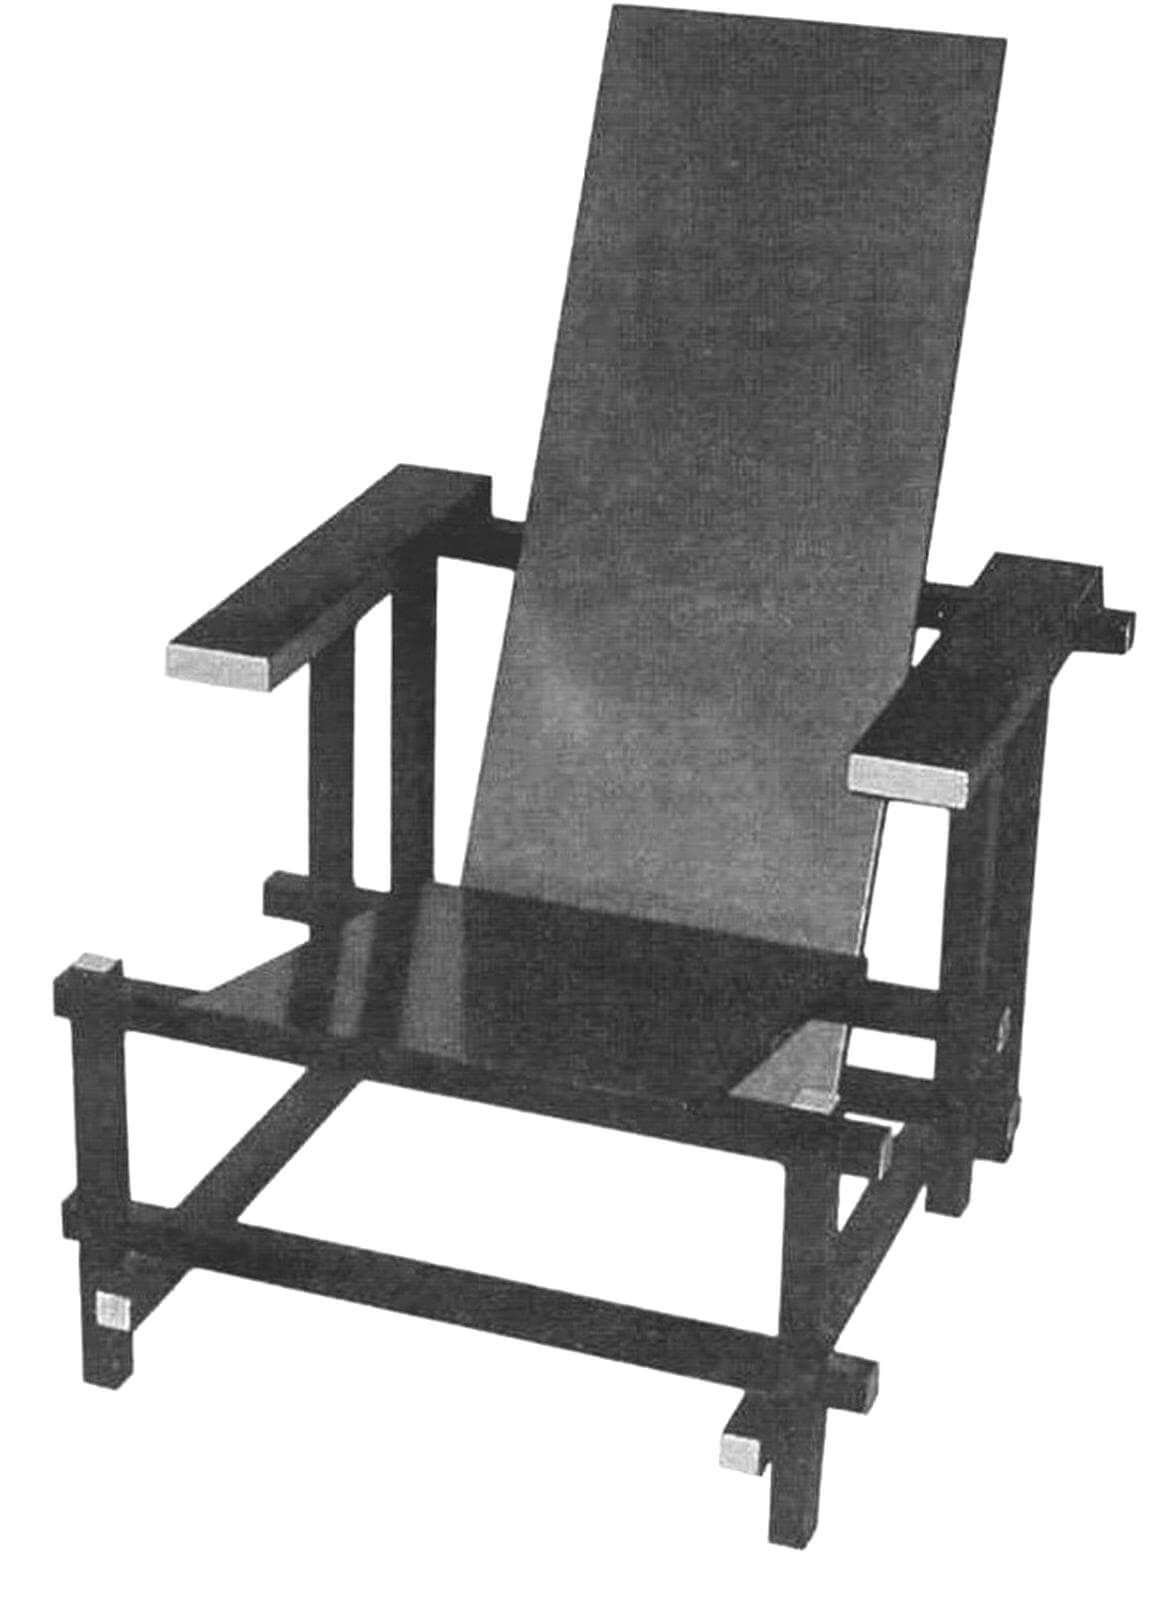 Оригинал «сине-красного стула» демонстрируется в Музее современного искусства в Нью-Йорке